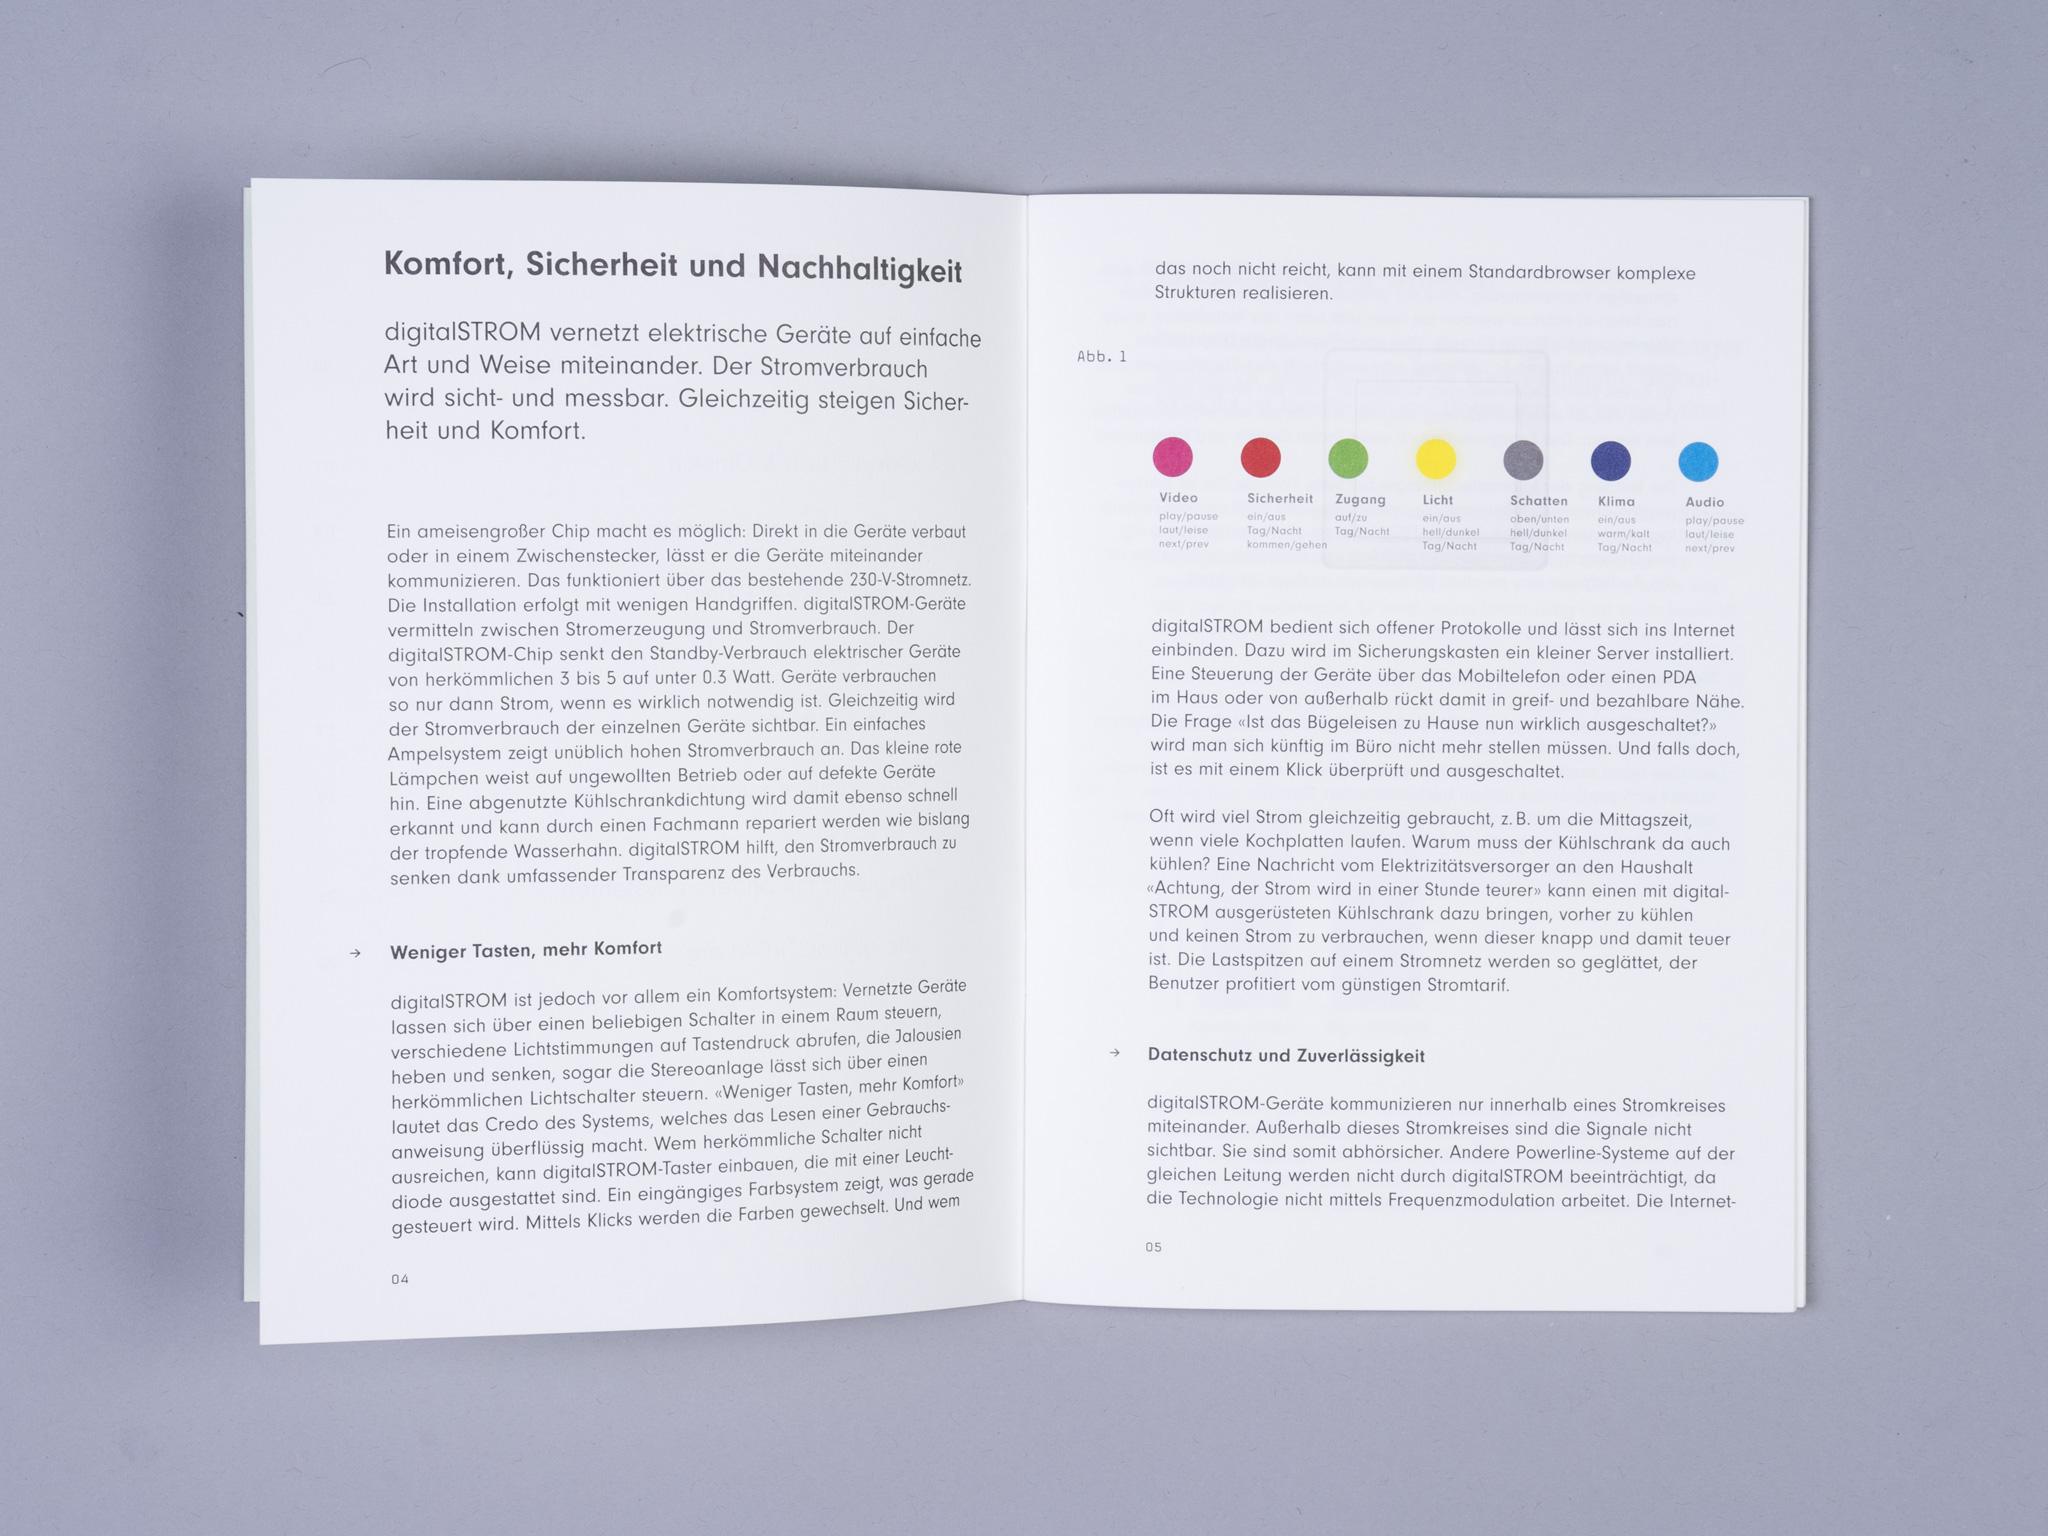 Realisierung Haus Elektrisches Diagramm - linearsystem.co - Home ...